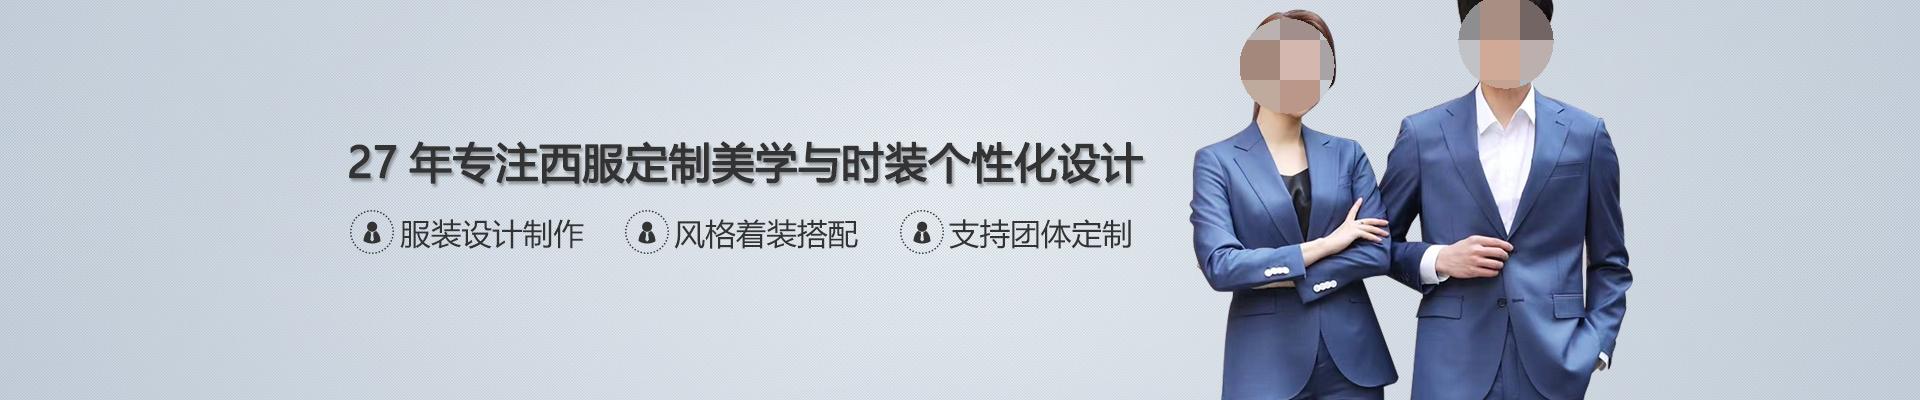 淮安市锦熠西服定制ballbet贝博app下载ios公司介绍